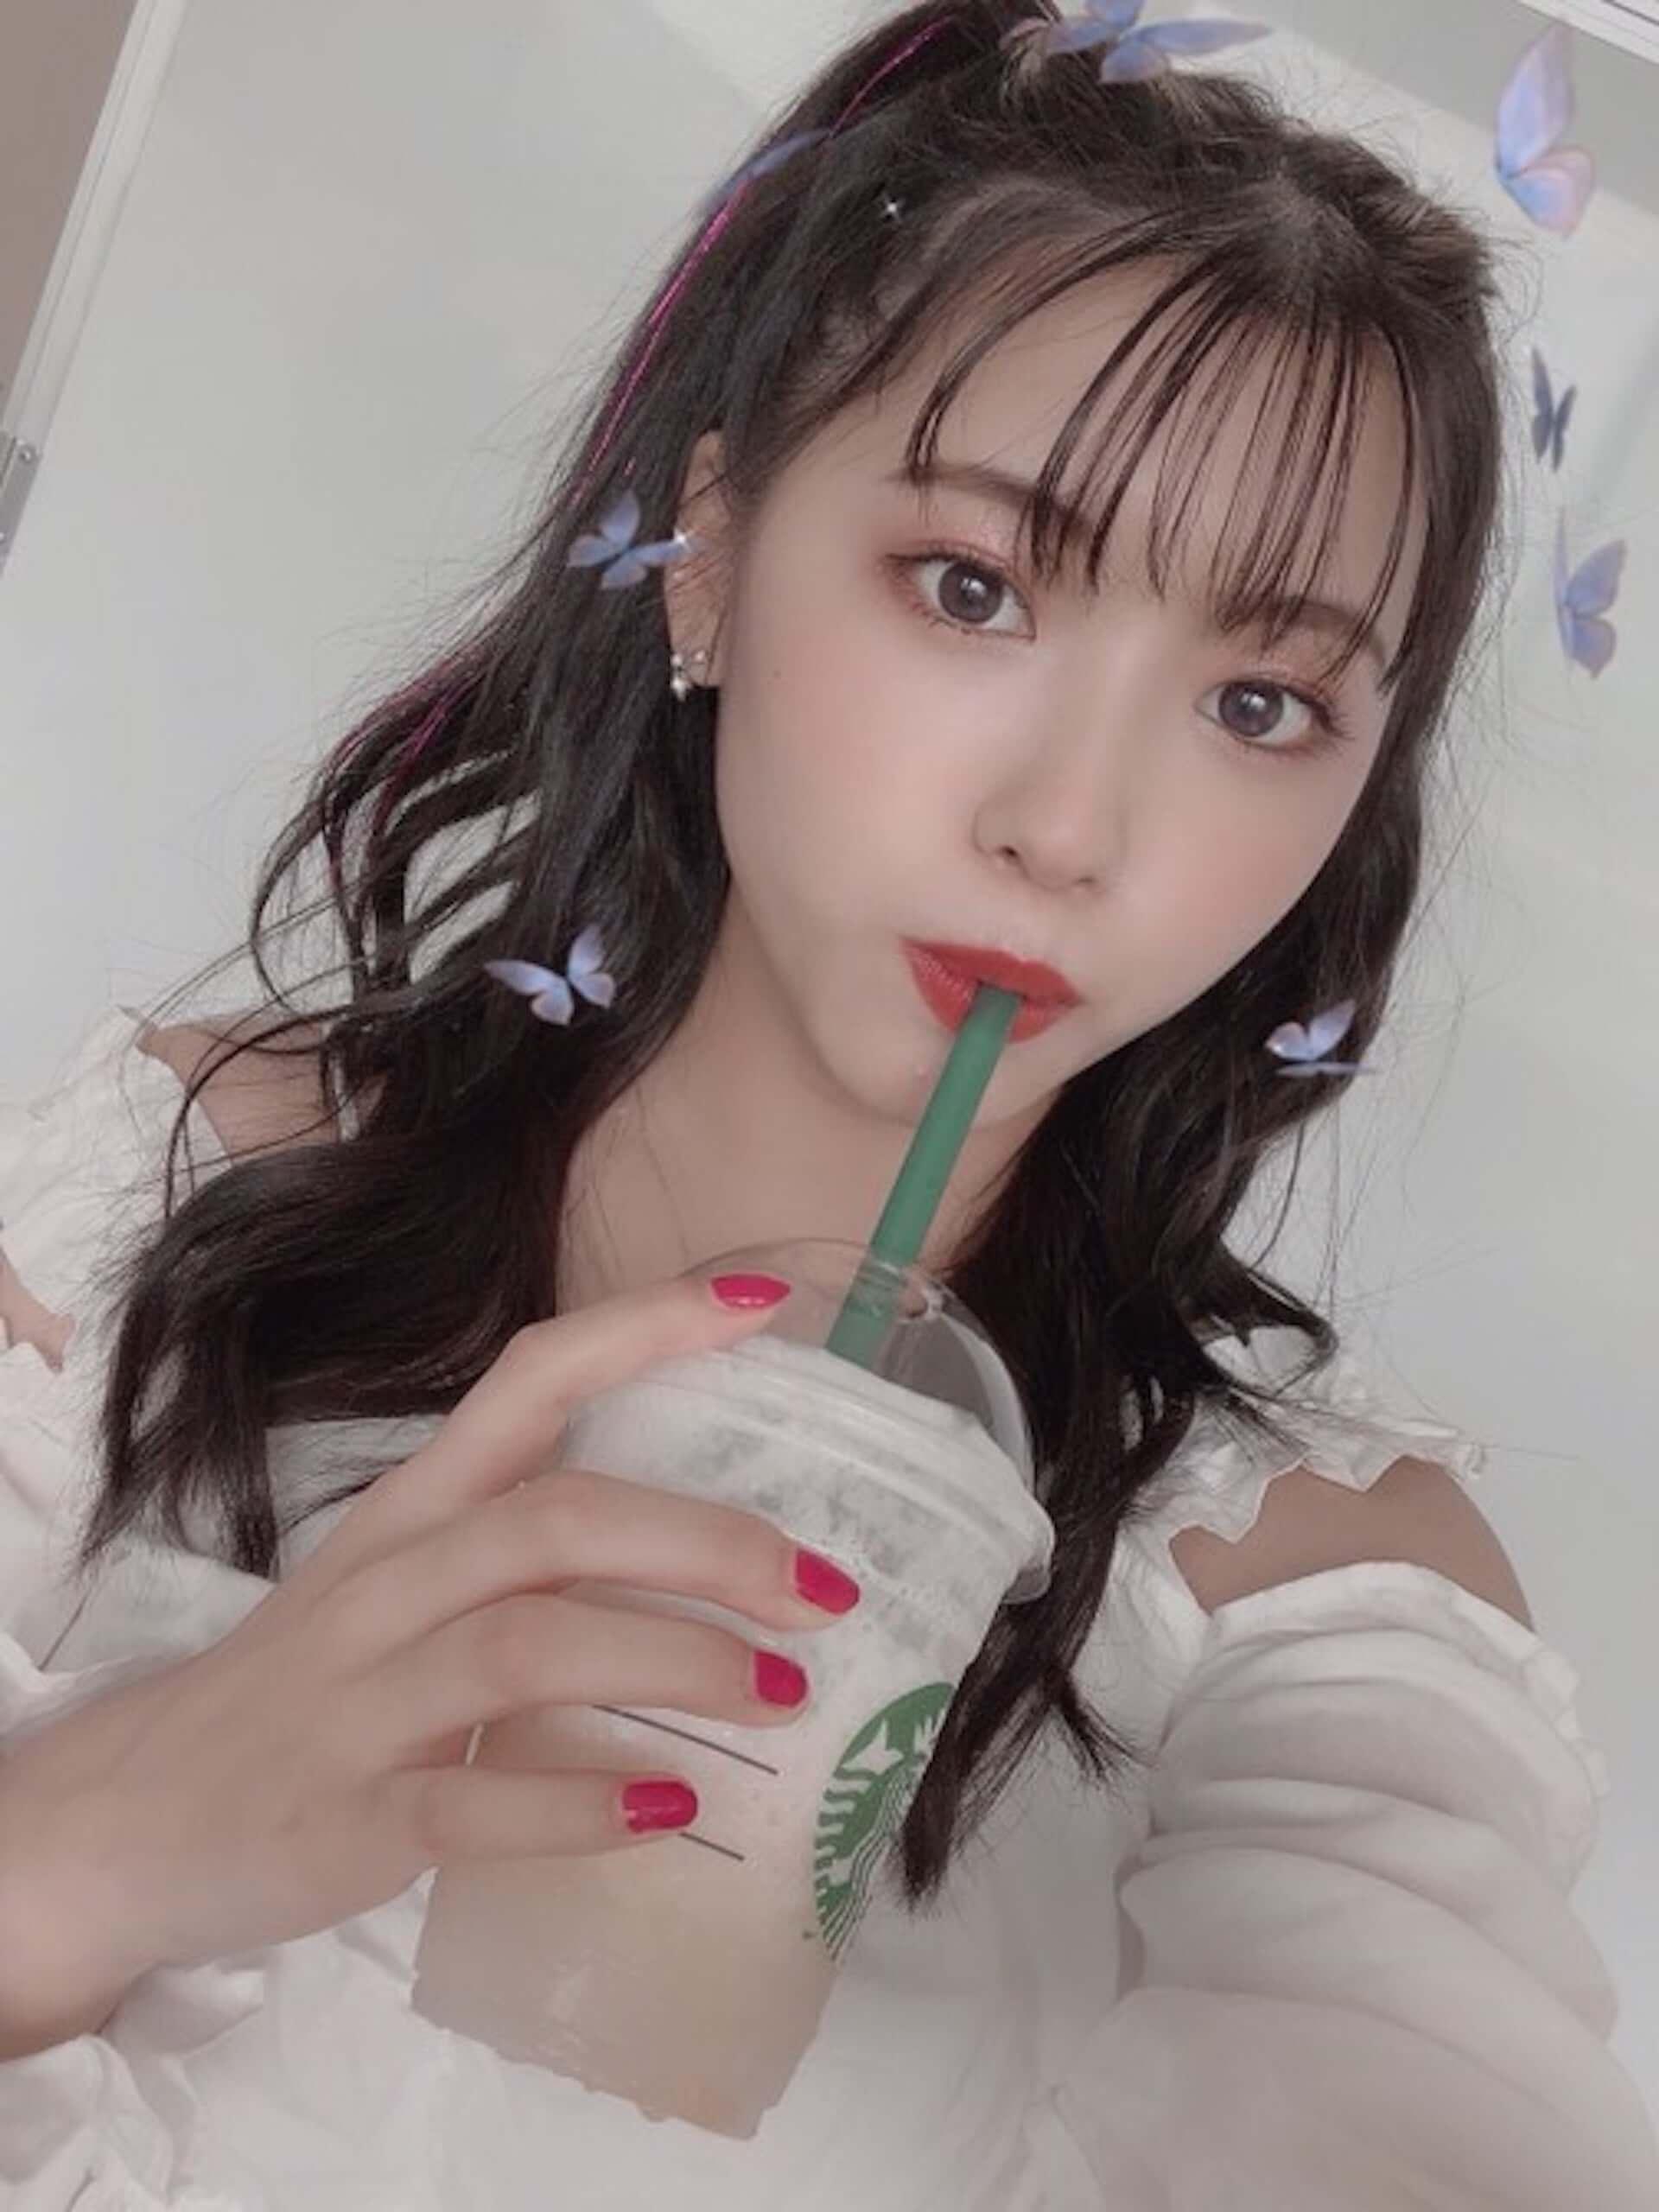 現役女子高生Popteenモデル古田愛理のかわいさがYouTubeで爆発! art190906_furutaairi_2-1920x2560